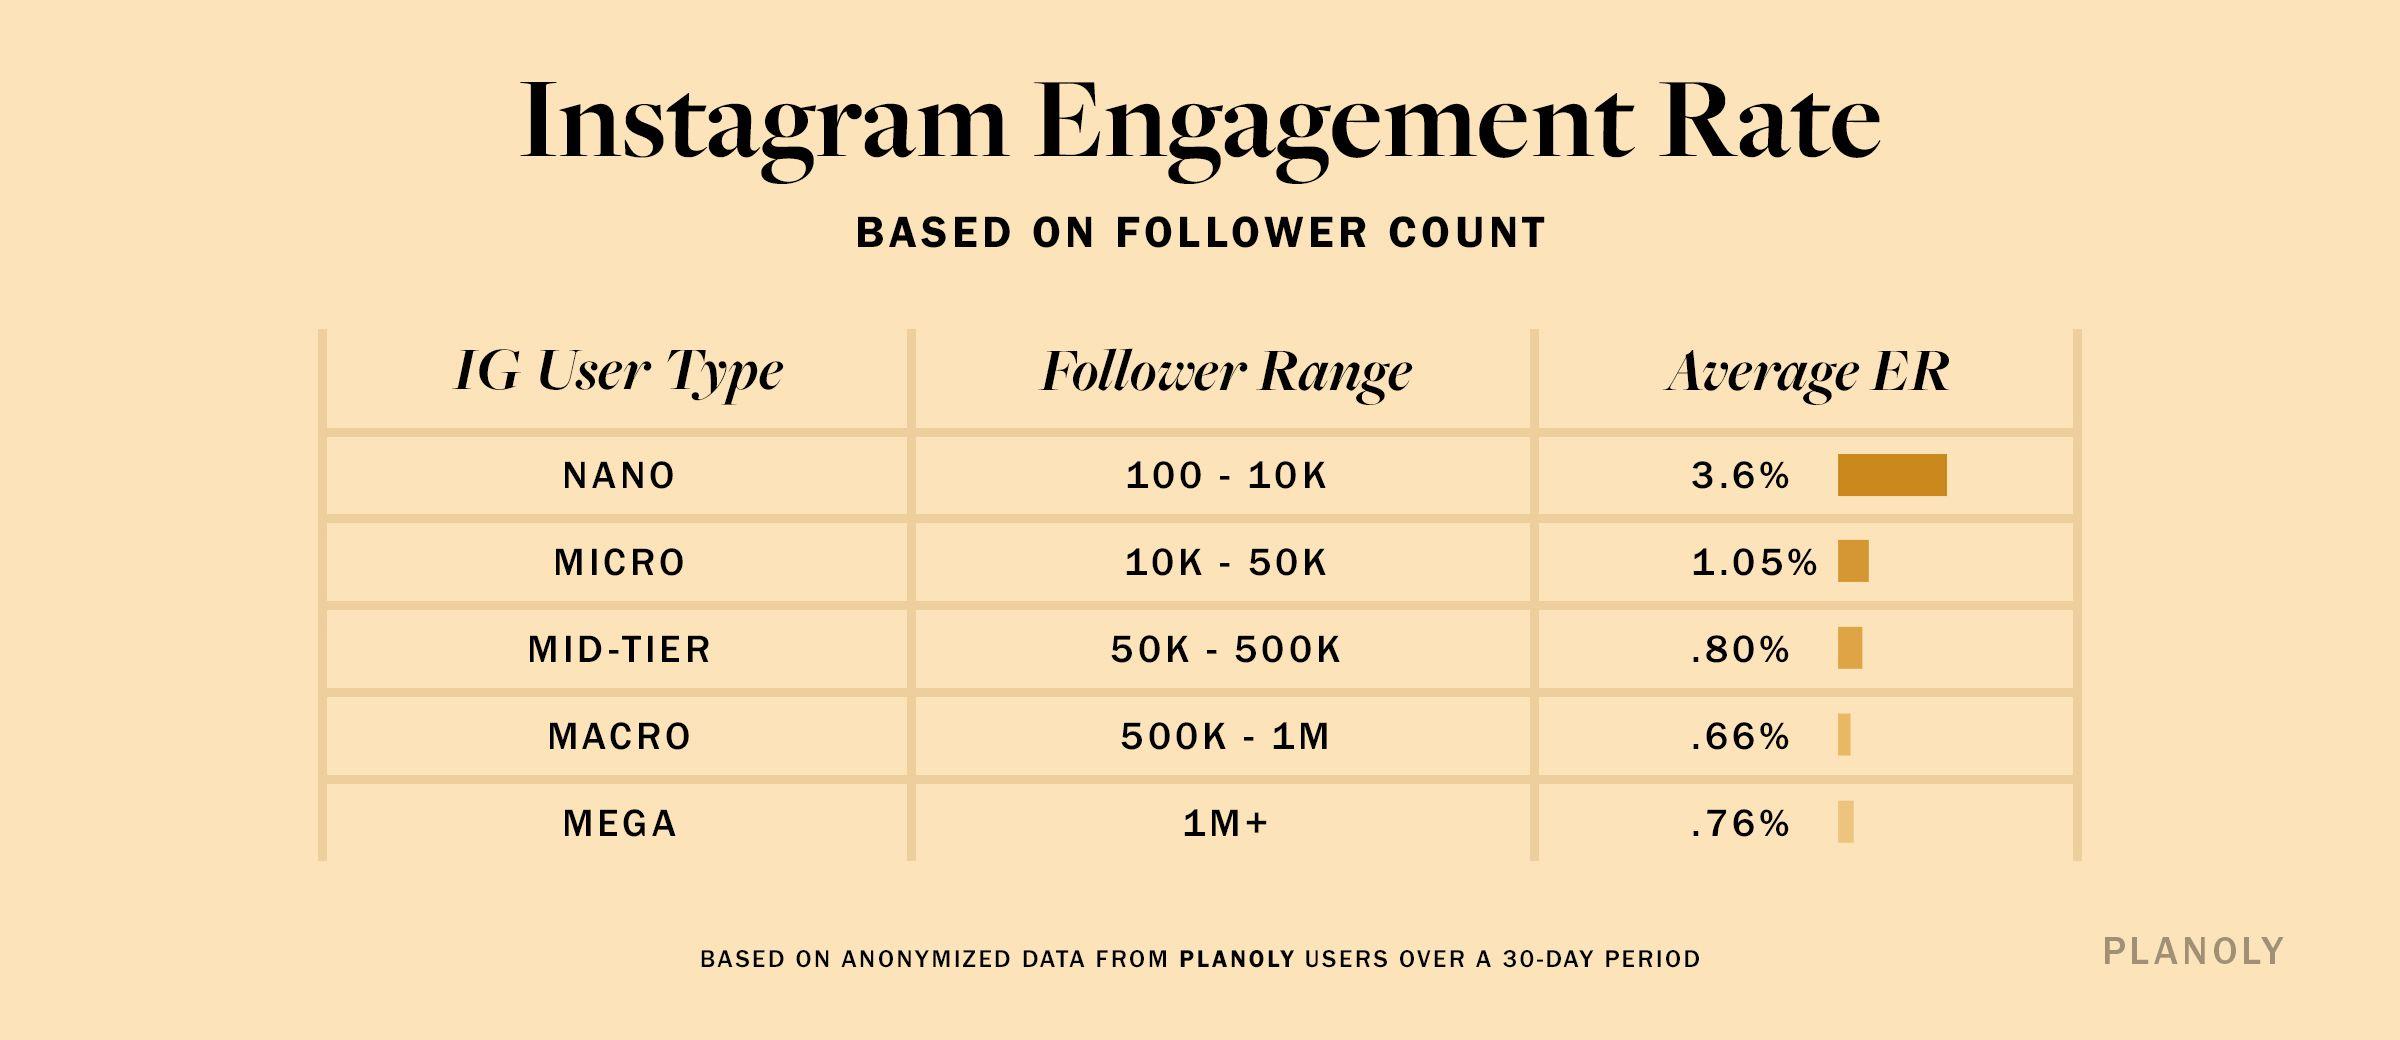 PLANOLY - Blog Post - Instagram Engagement Rates - Image 1 V2